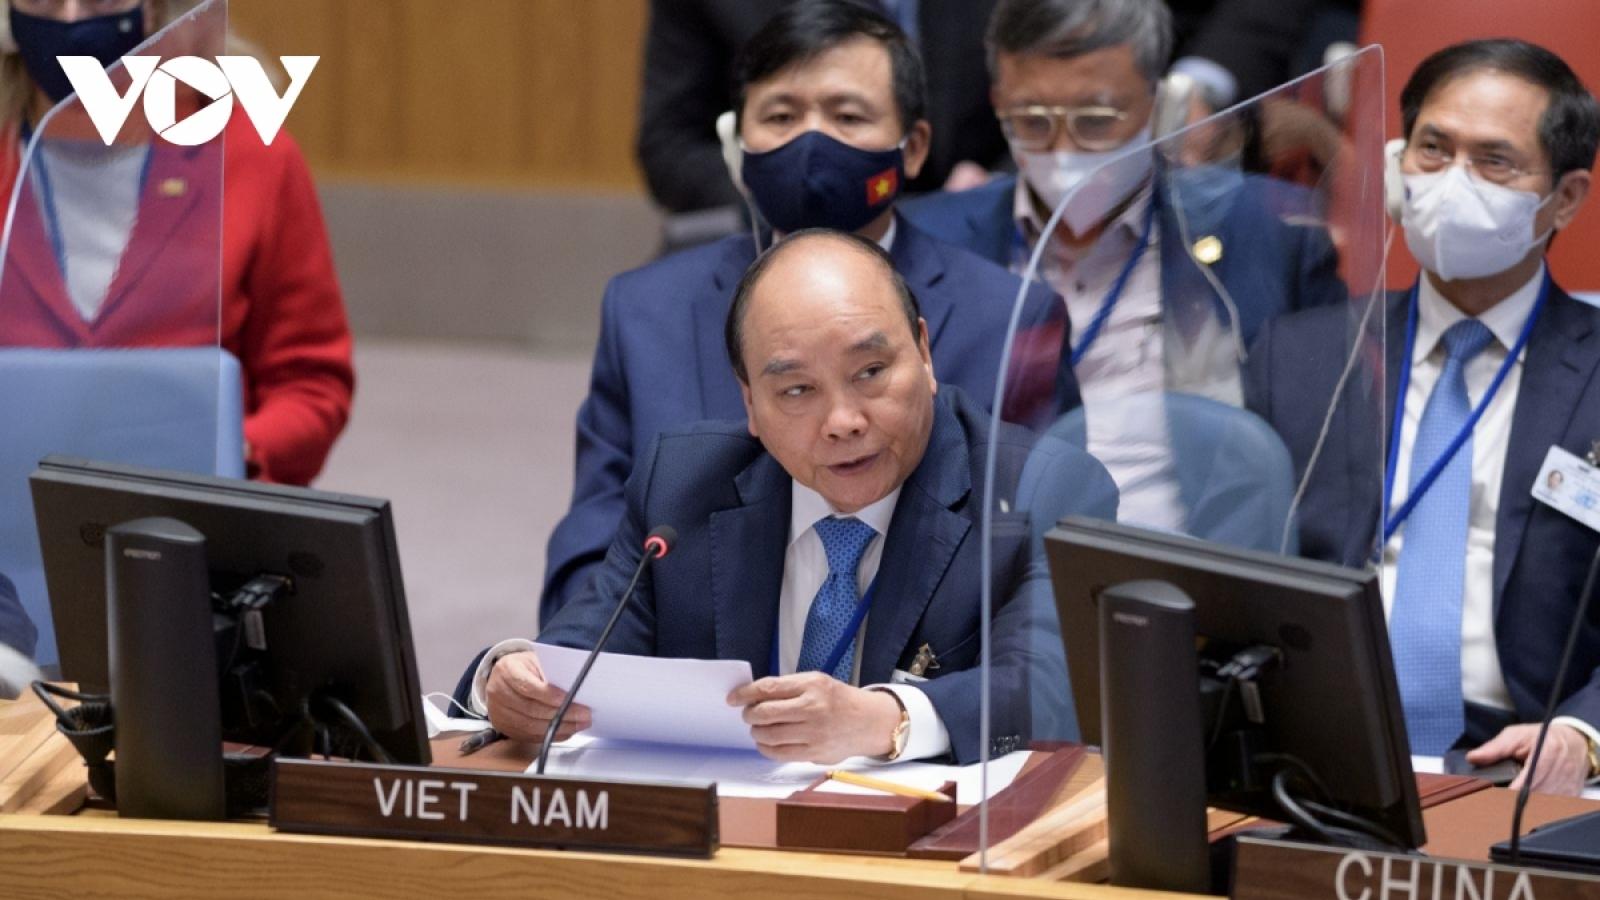 """""""Việt Nam muốn trở thành trung tâm sáng tạo về lương thực, thực phẩm ở khu vực"""""""